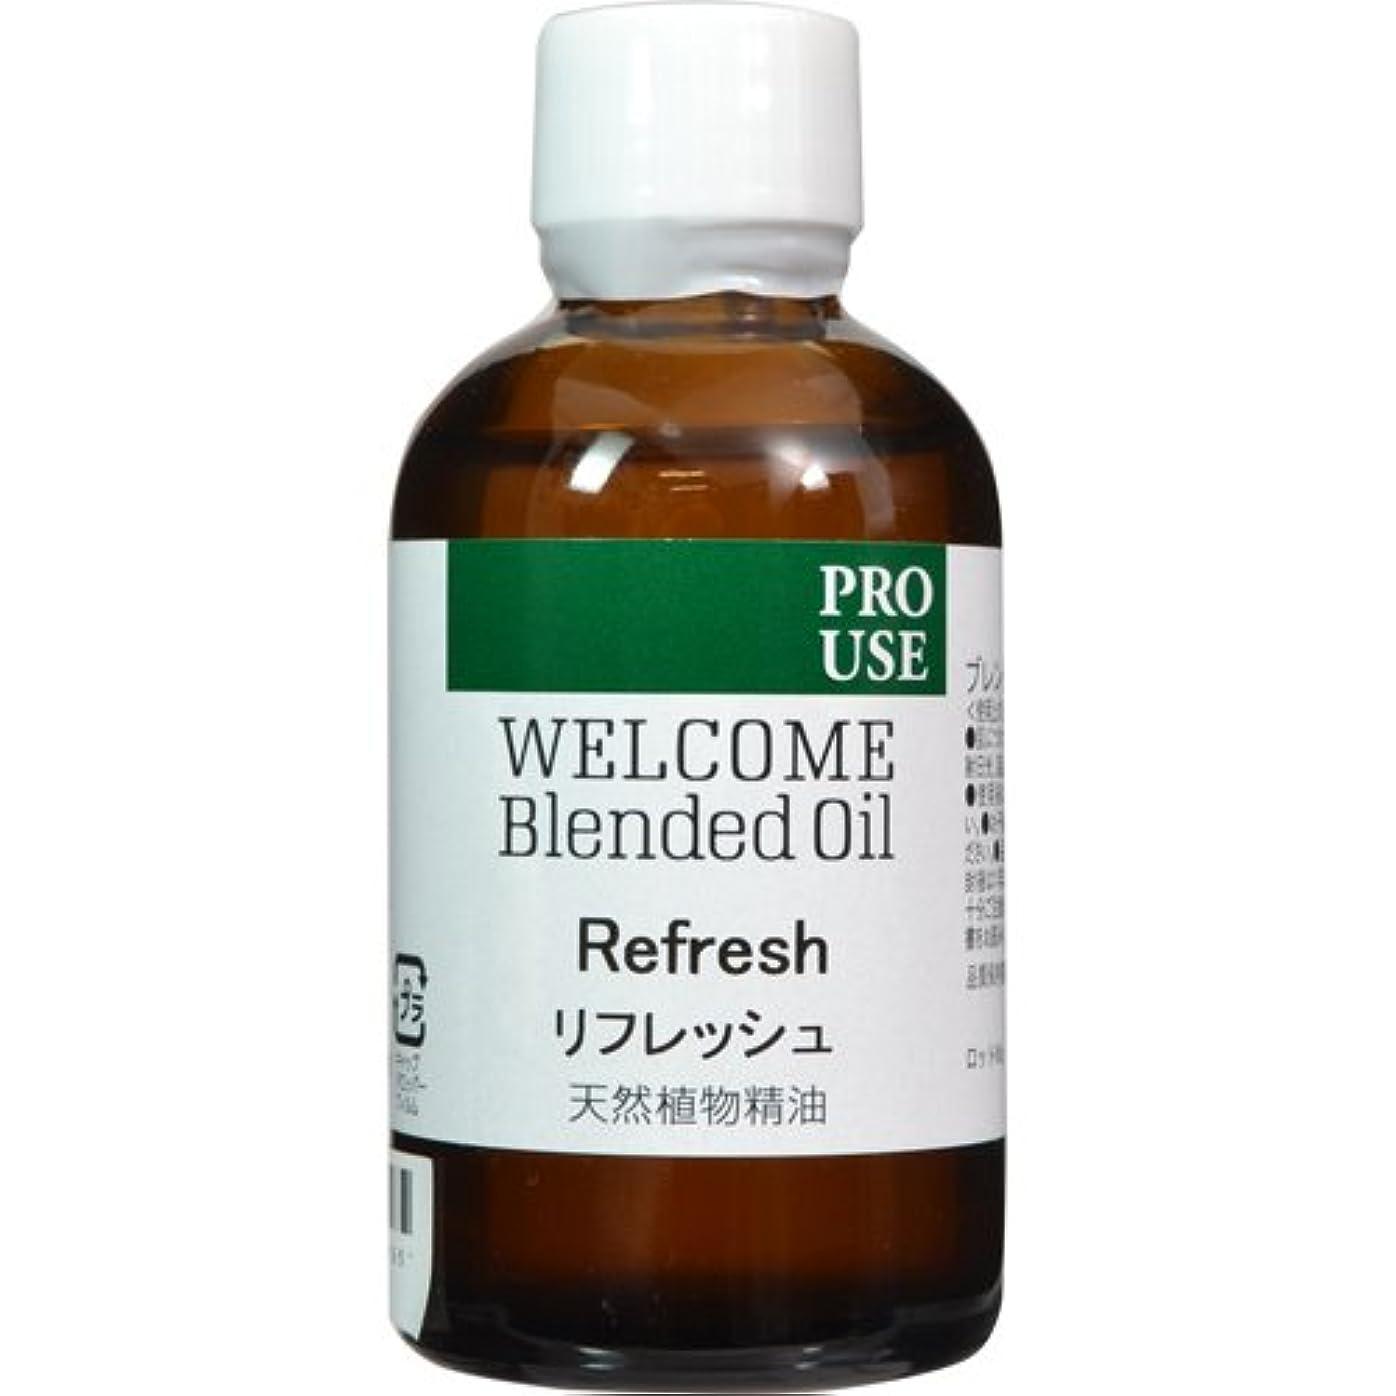 ウェルカムブレンド精油 リフレッシュ50ml